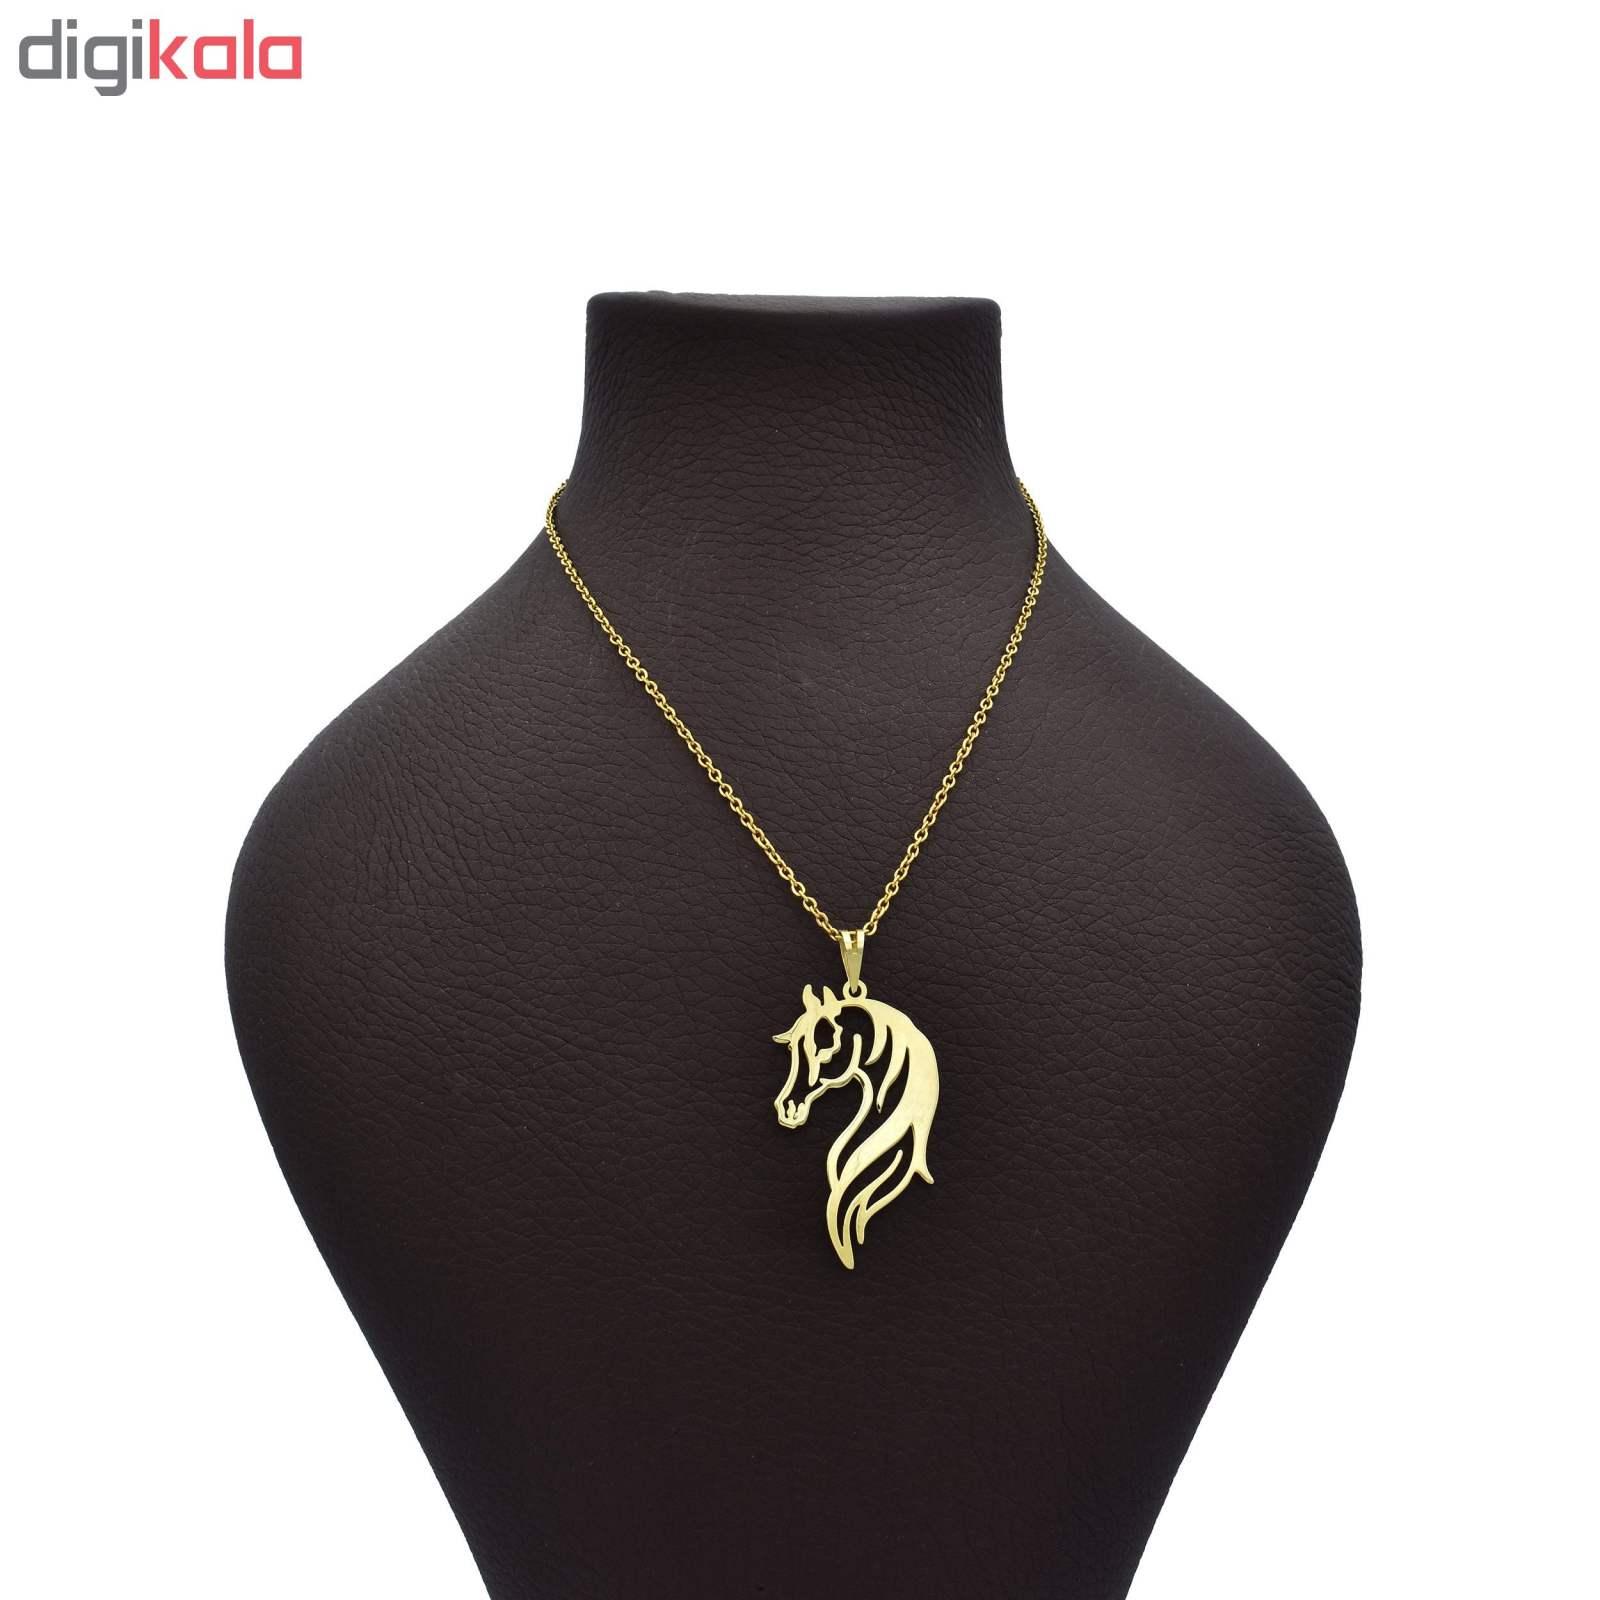 گردنبند طلا 18 عیار زنانه آرشا گالری طرح اسب کد 327A2452 main 1 1